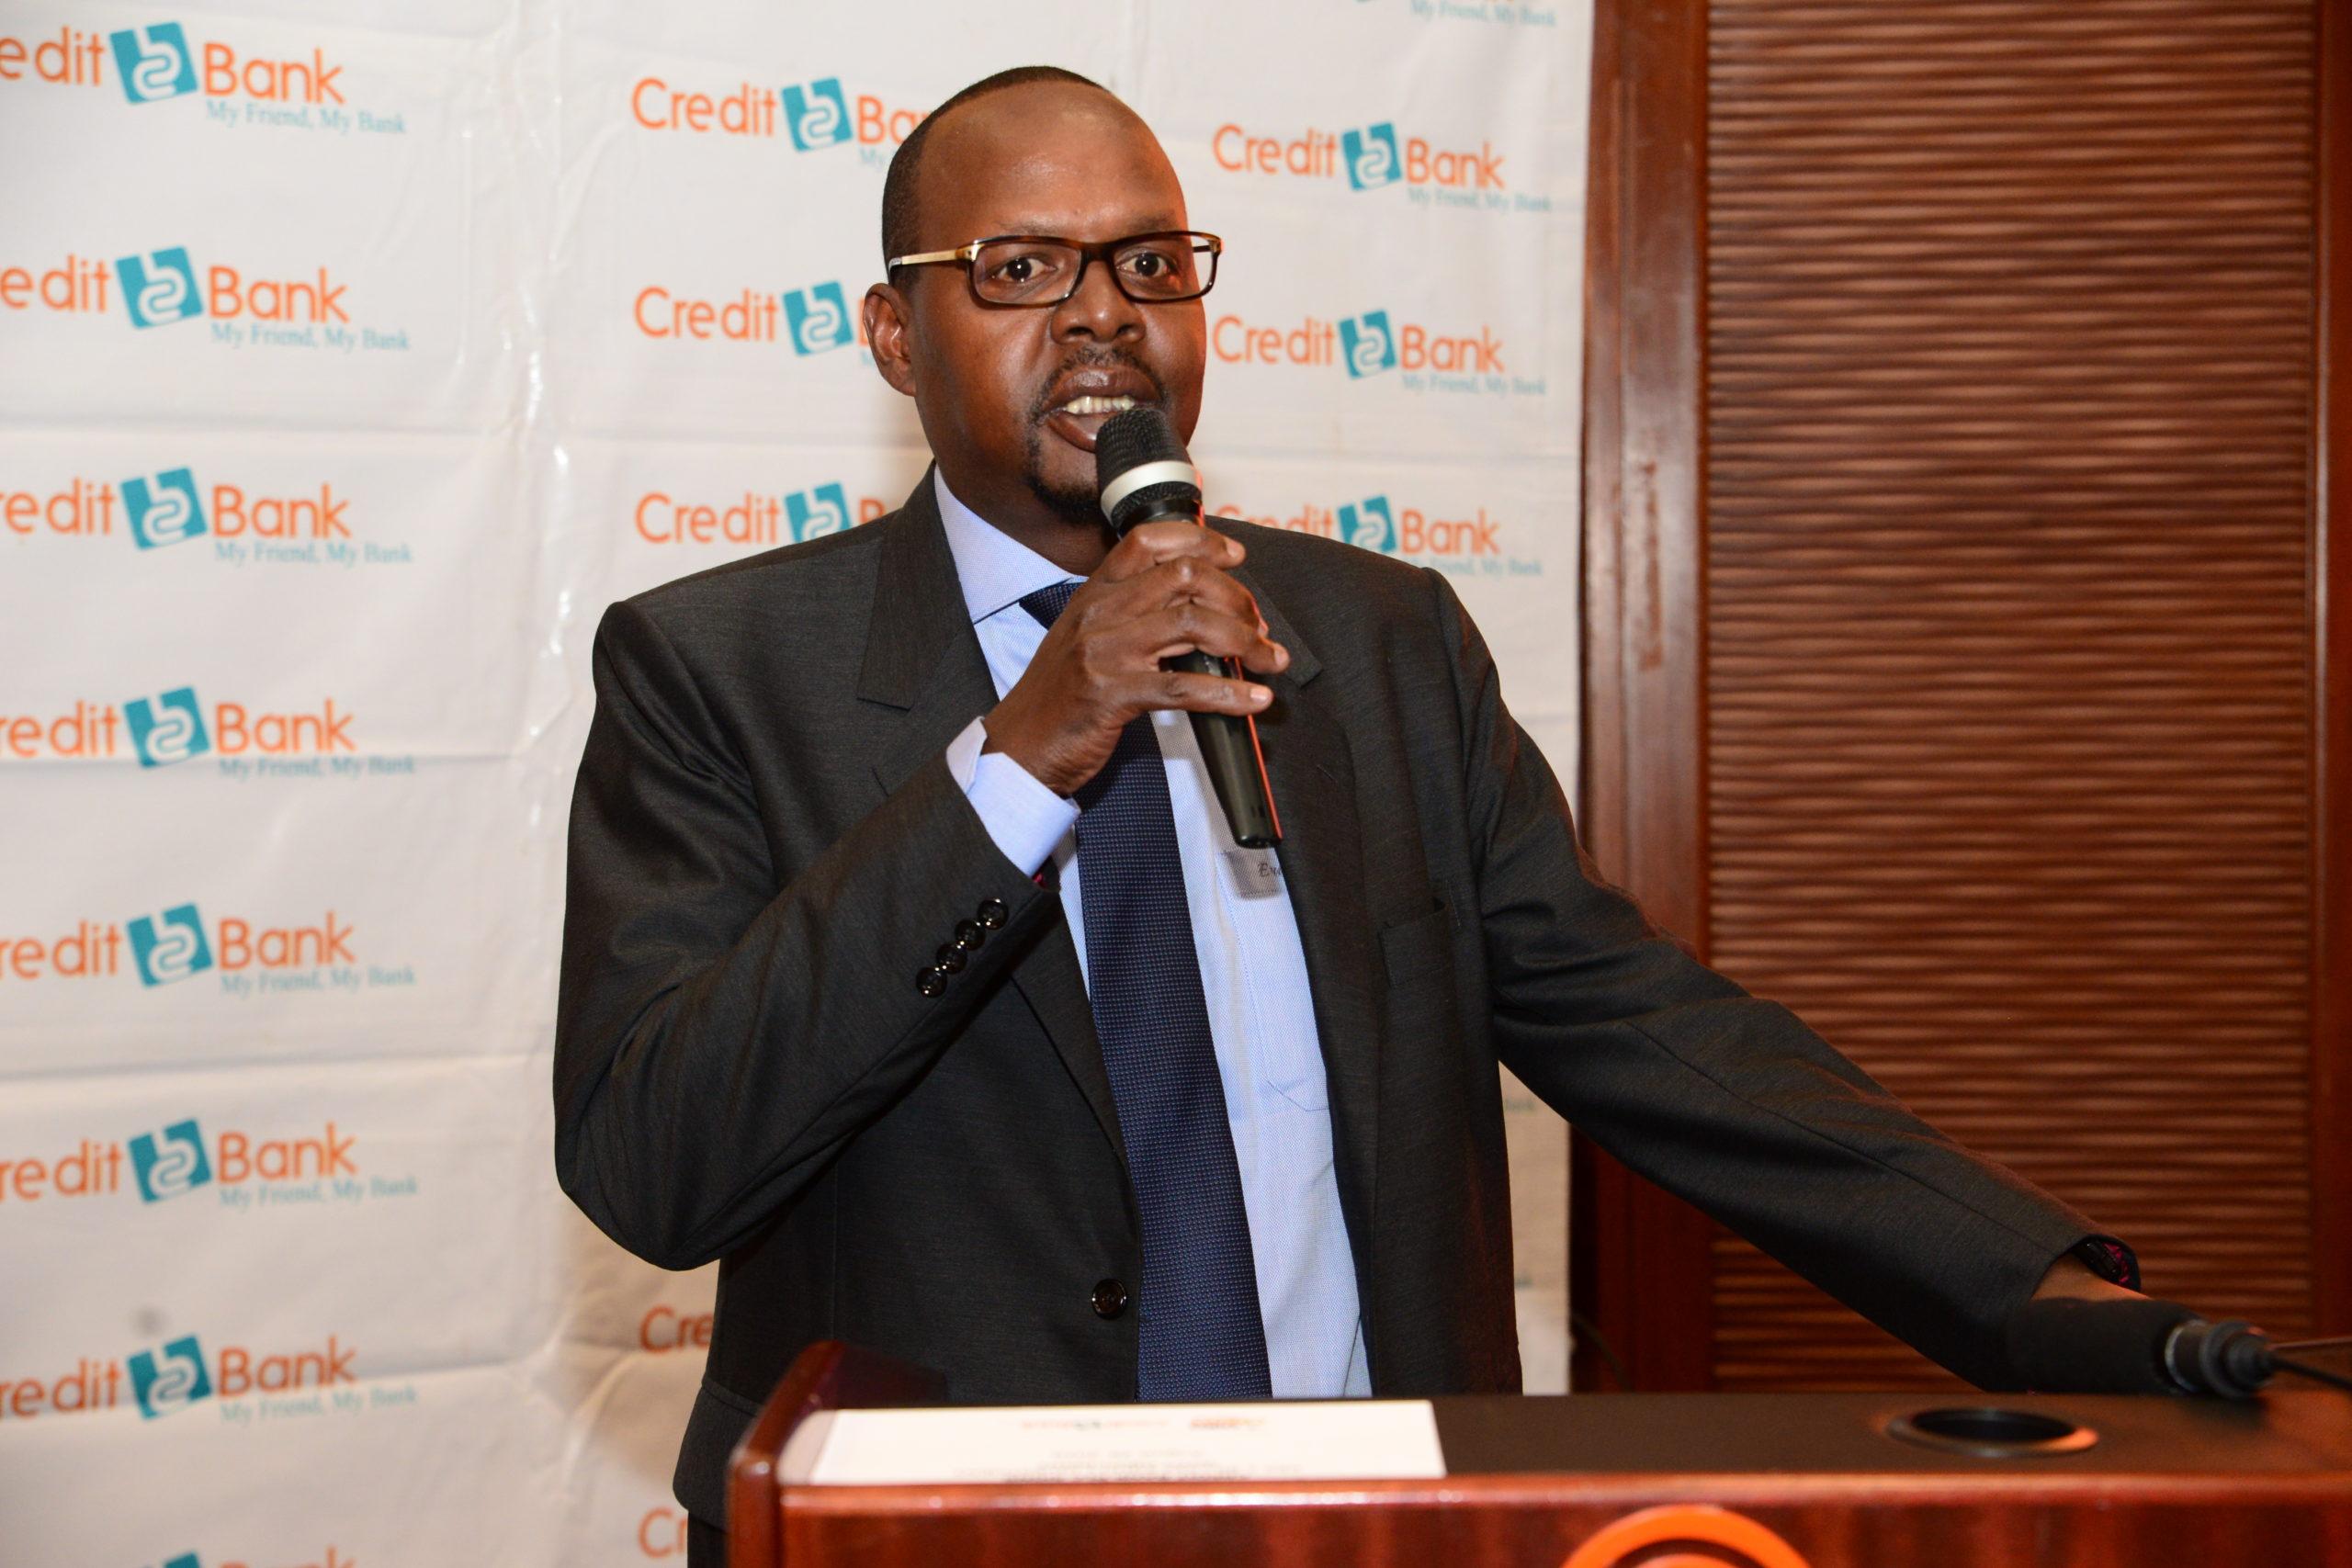 Credit Bank COVID-19: Eric Nyachae at a media event - Newsday Kenya